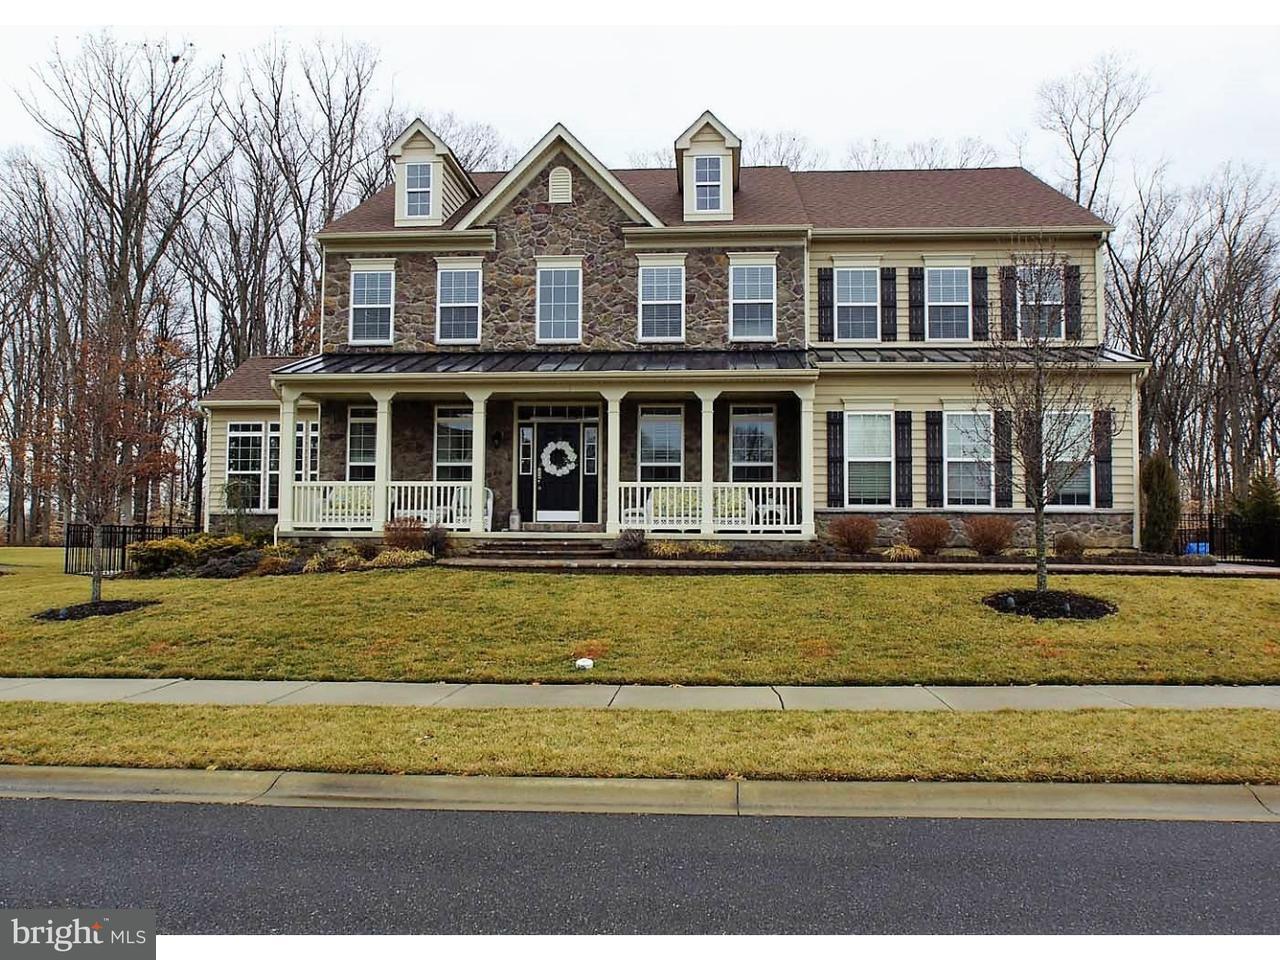 Vivienda unifamiliar por un Venta en 1215 GLOSSY IBIS Court Middletown, Delaware 19709 Estados Unidos